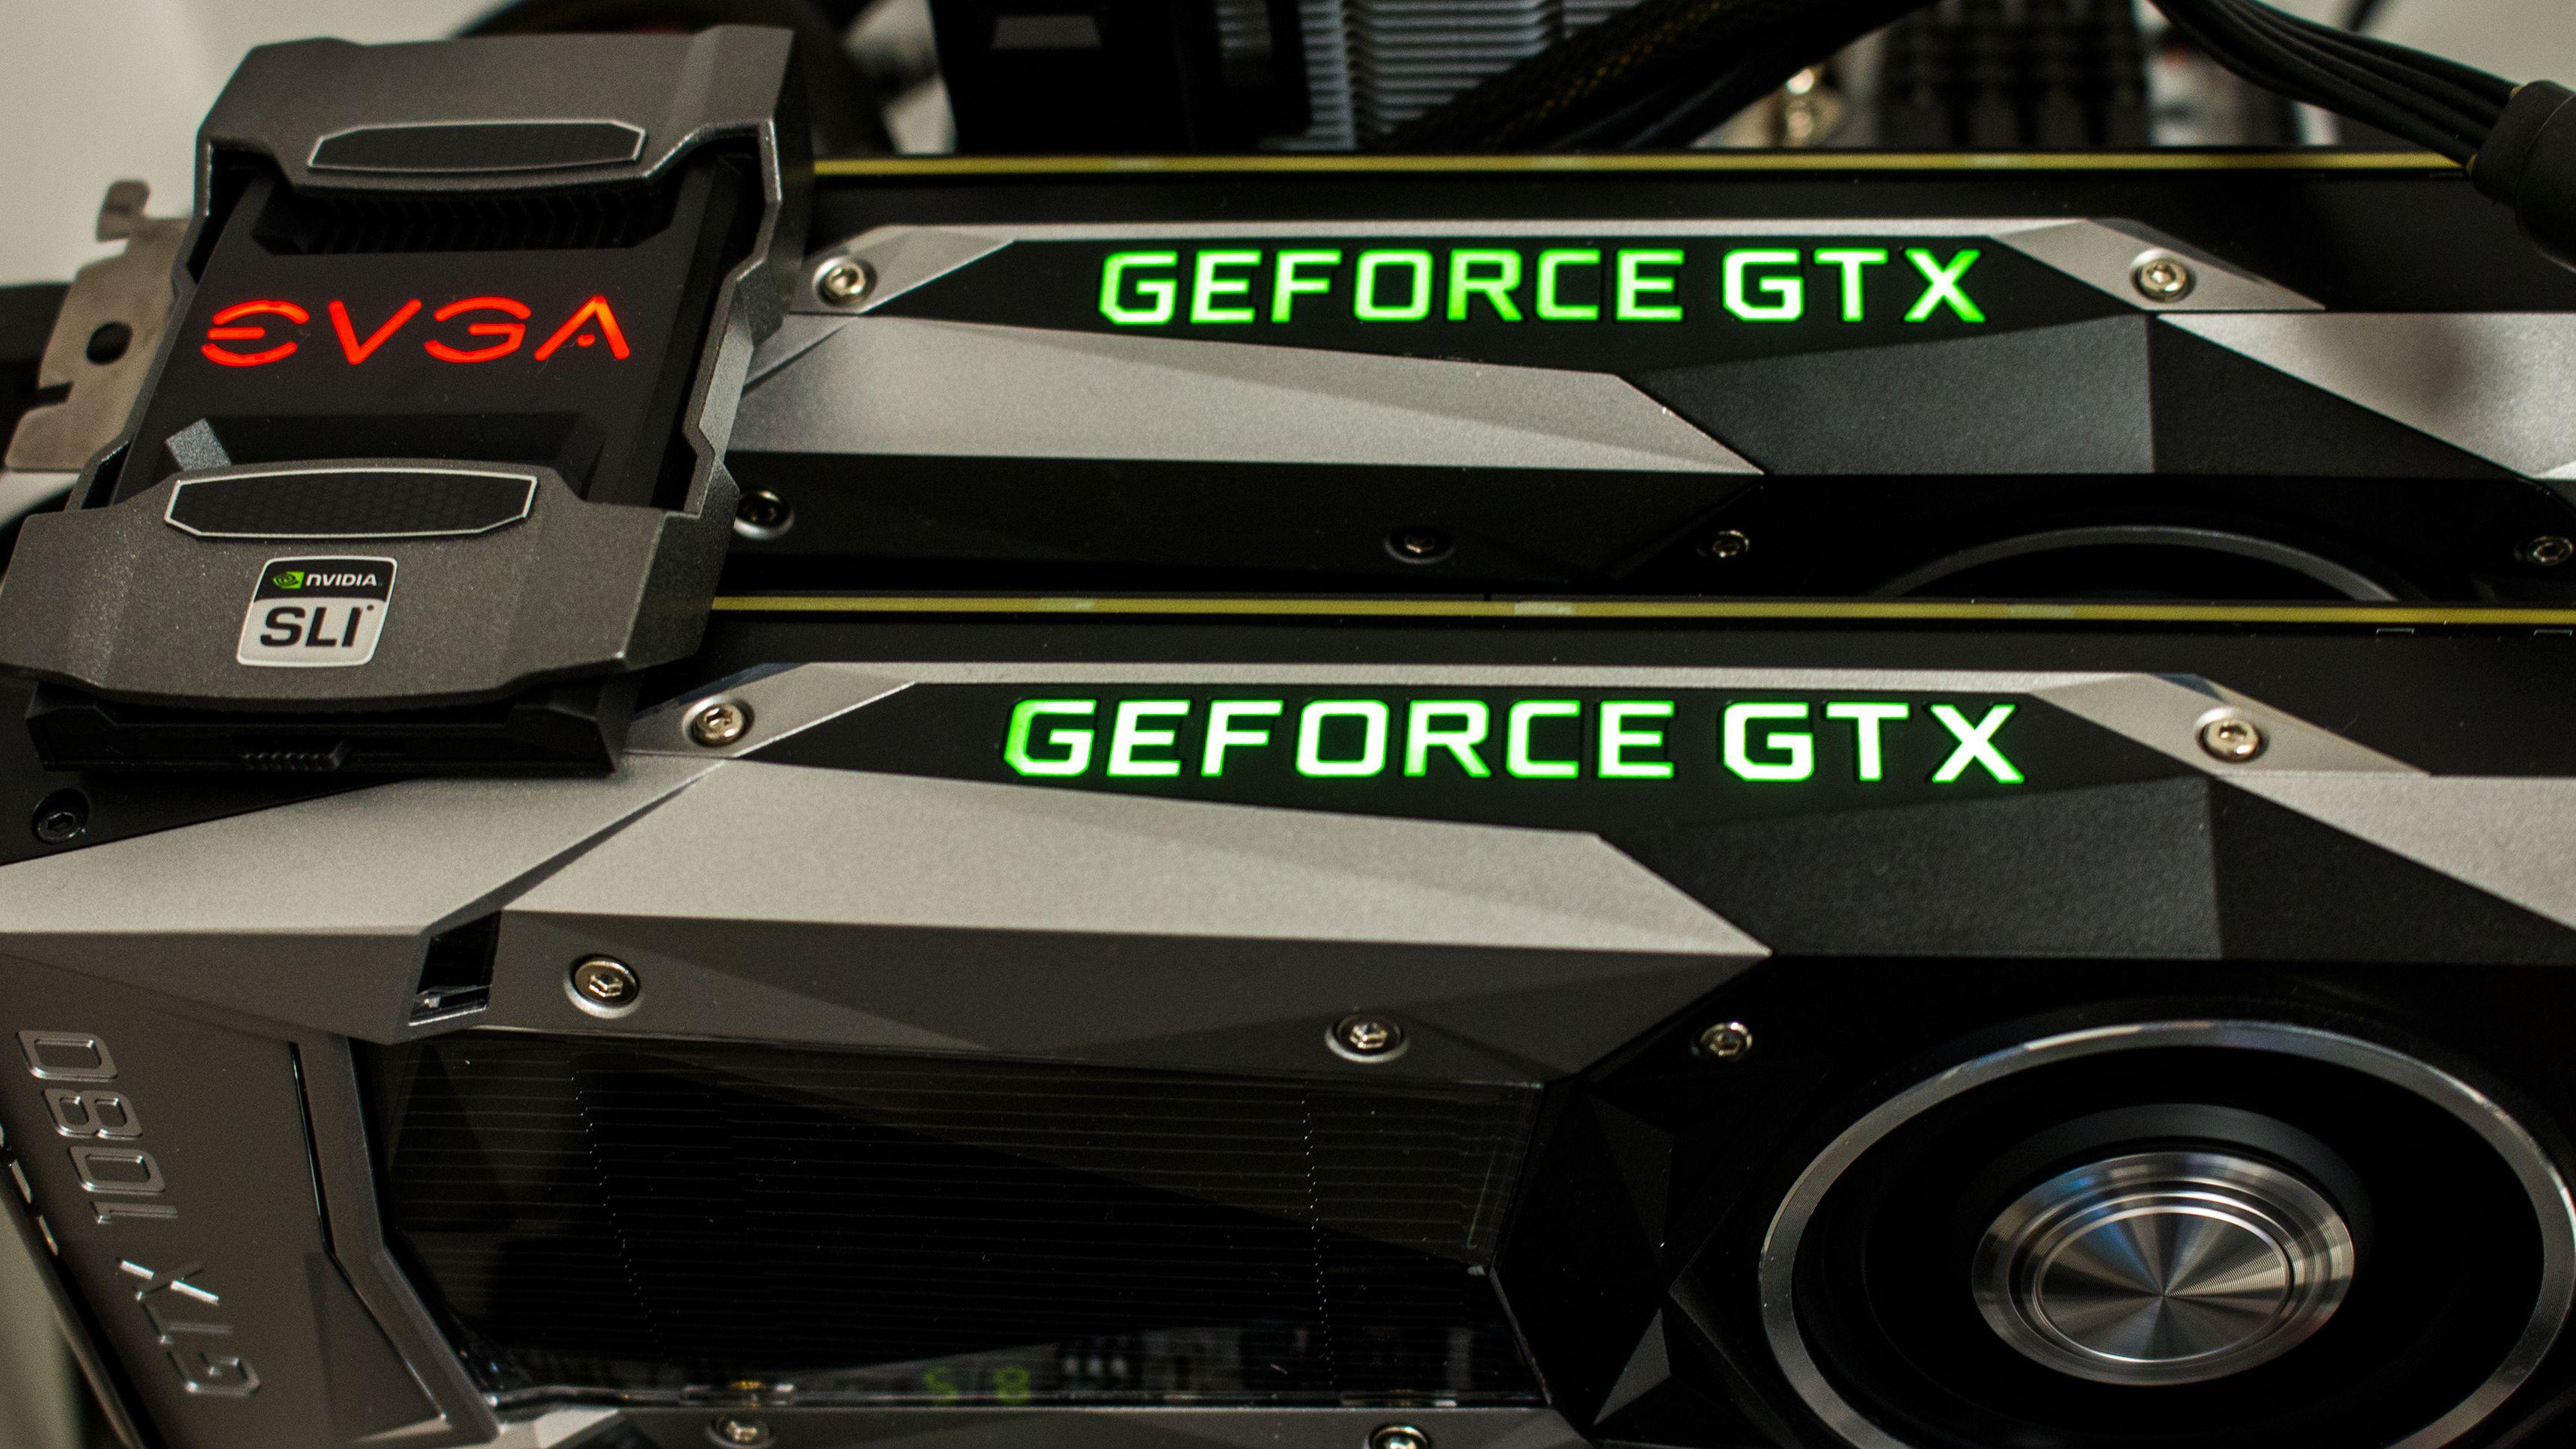 Nvidia GTX 1080 SLI